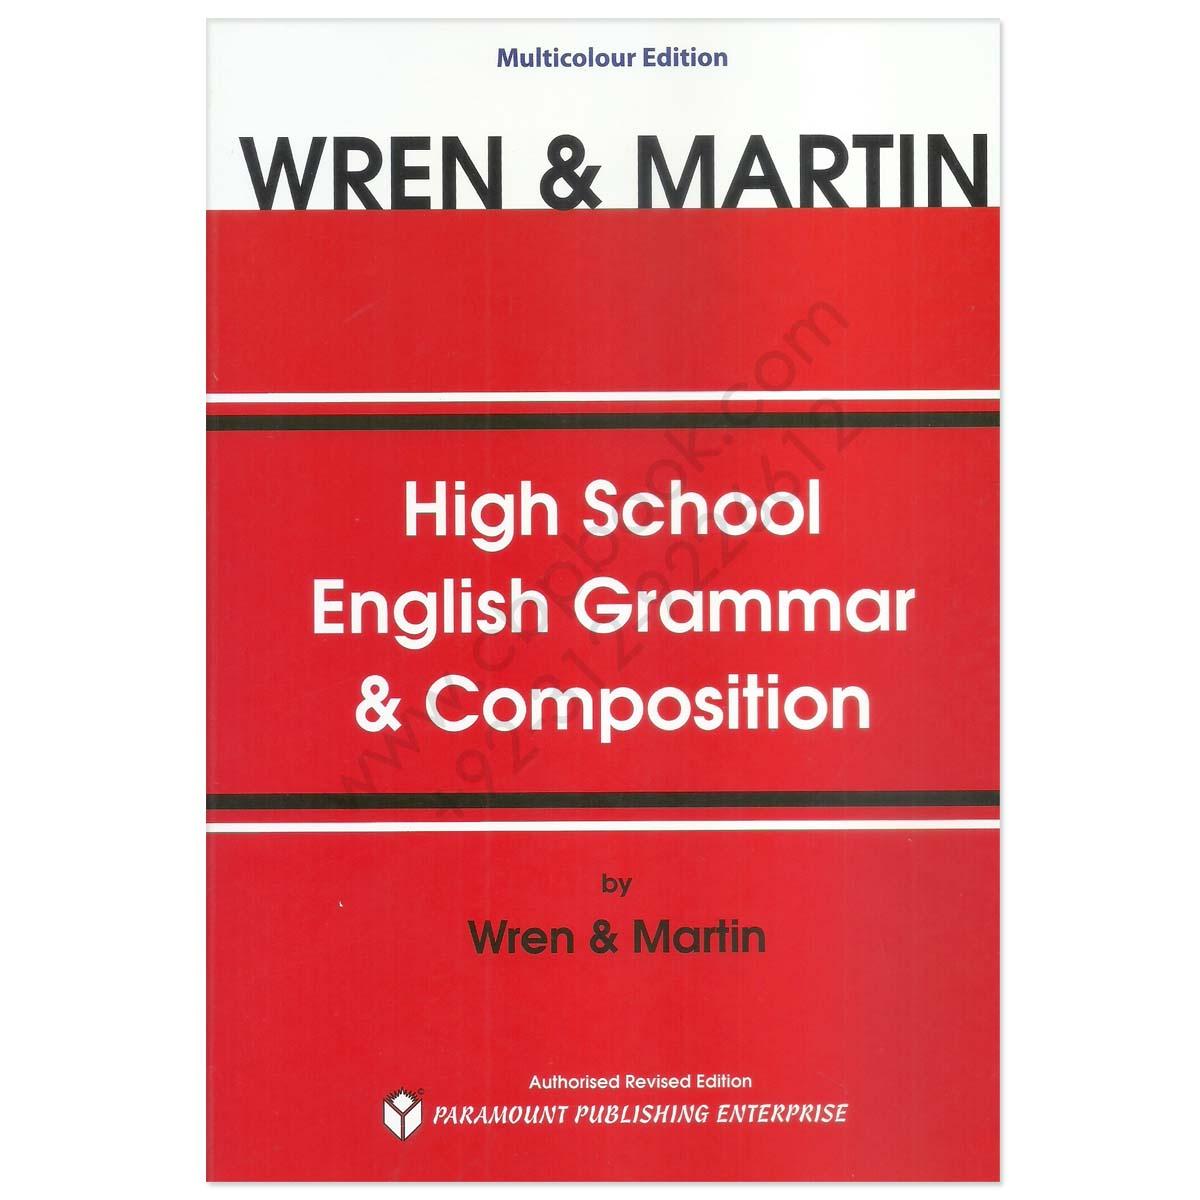 Wren martin grammar book